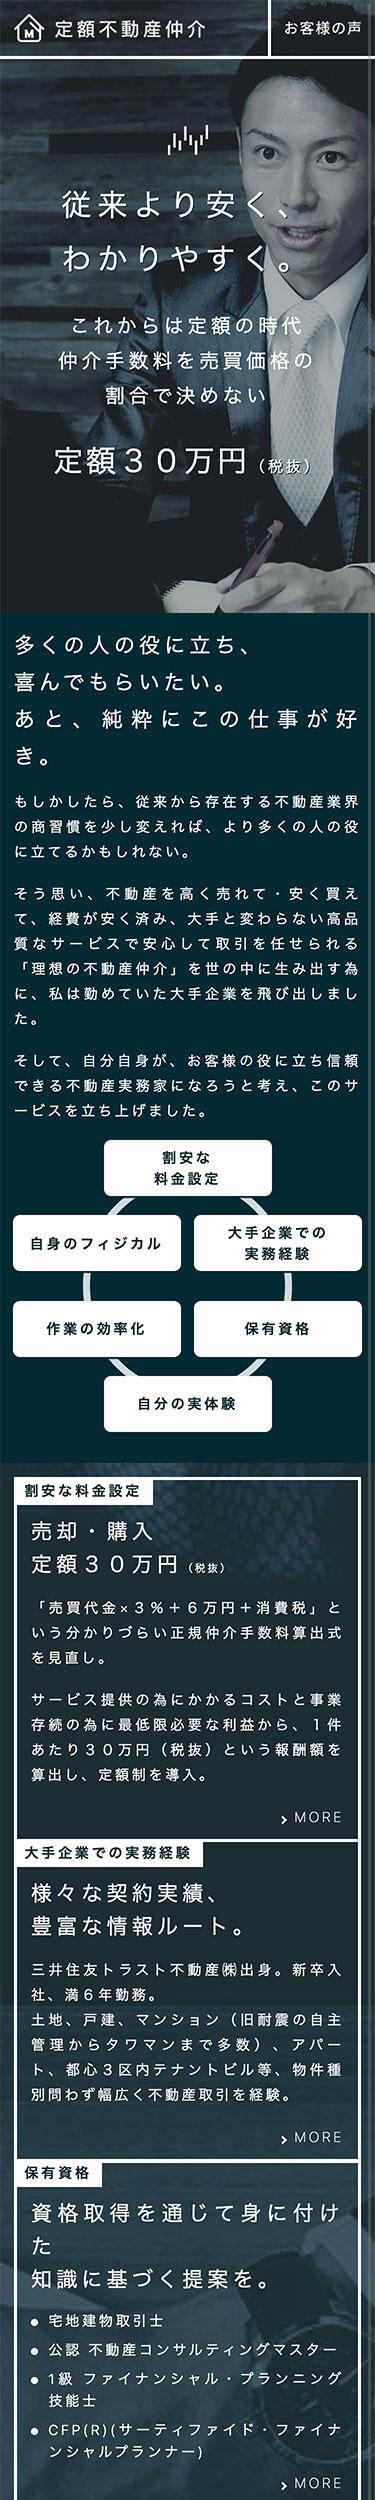 株式会社マスターズ・コンサルティングのスマホサイトデザイン